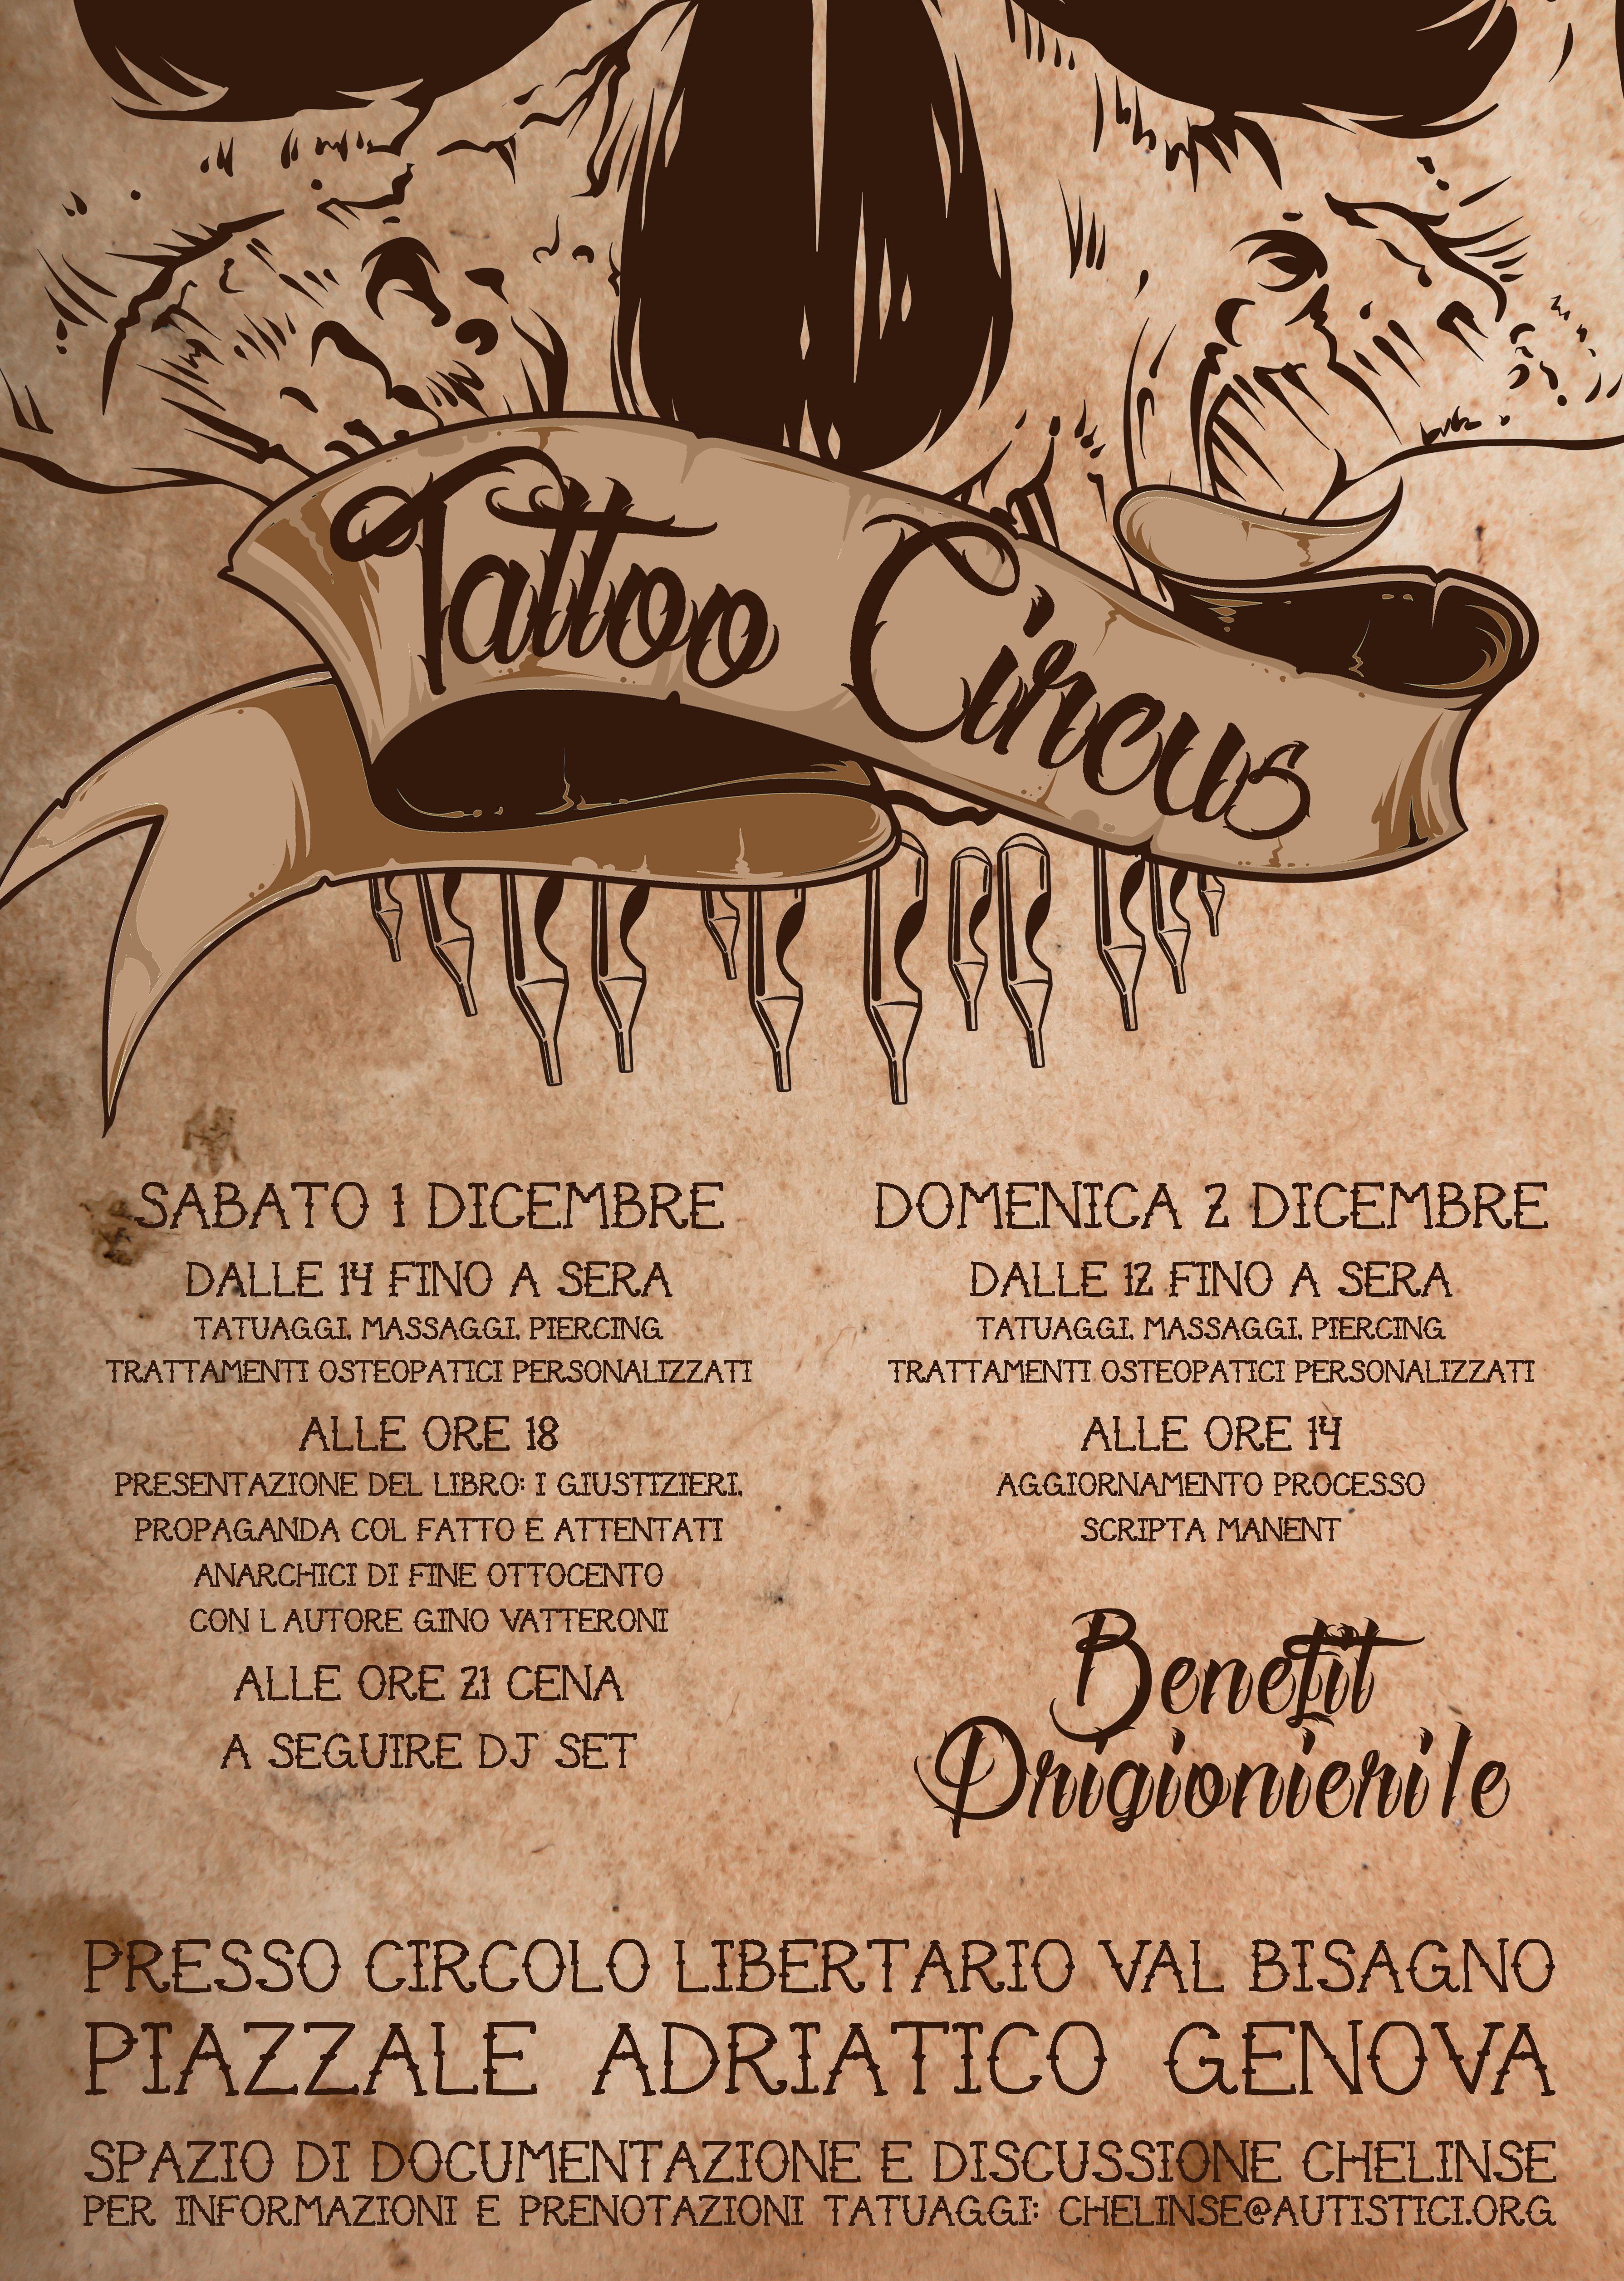 g-i-genova-tatoo-circus.jpg